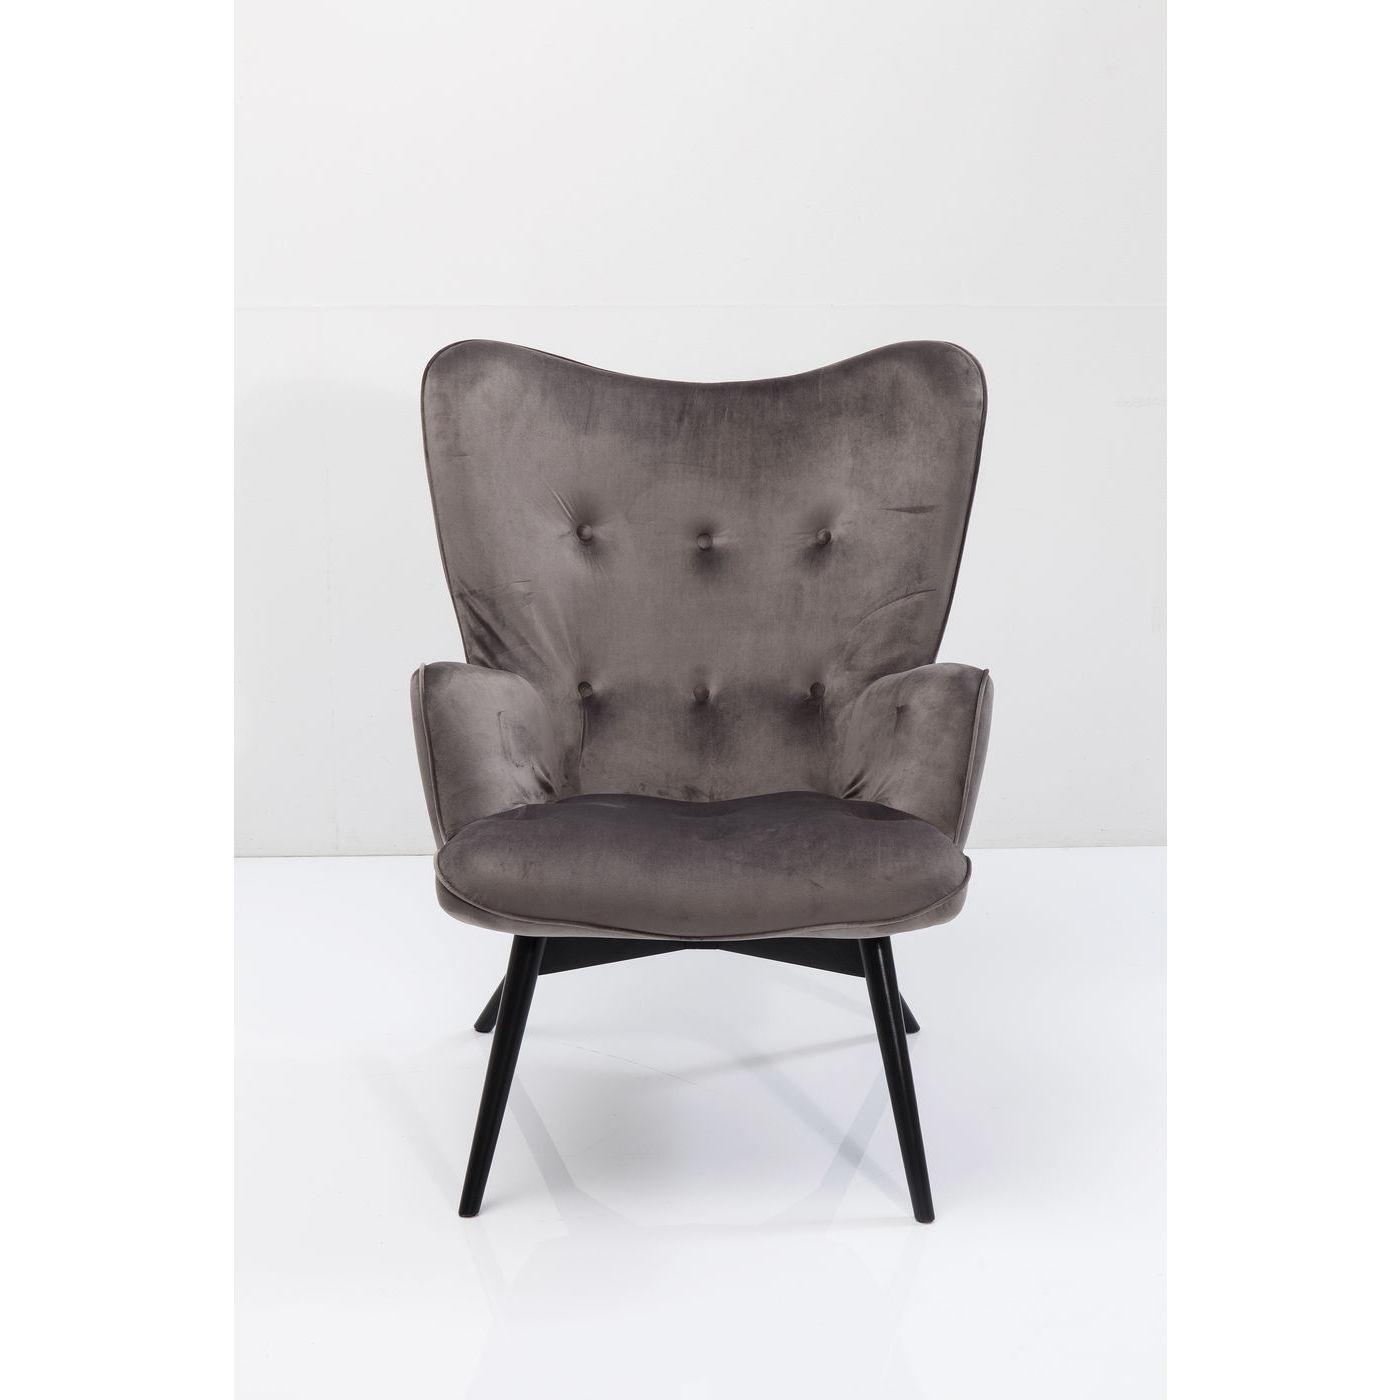 kare design Kare design black vicky velvet grey lænestol - gråt stof/sort bøg, m. armlæn på boboonline.dk